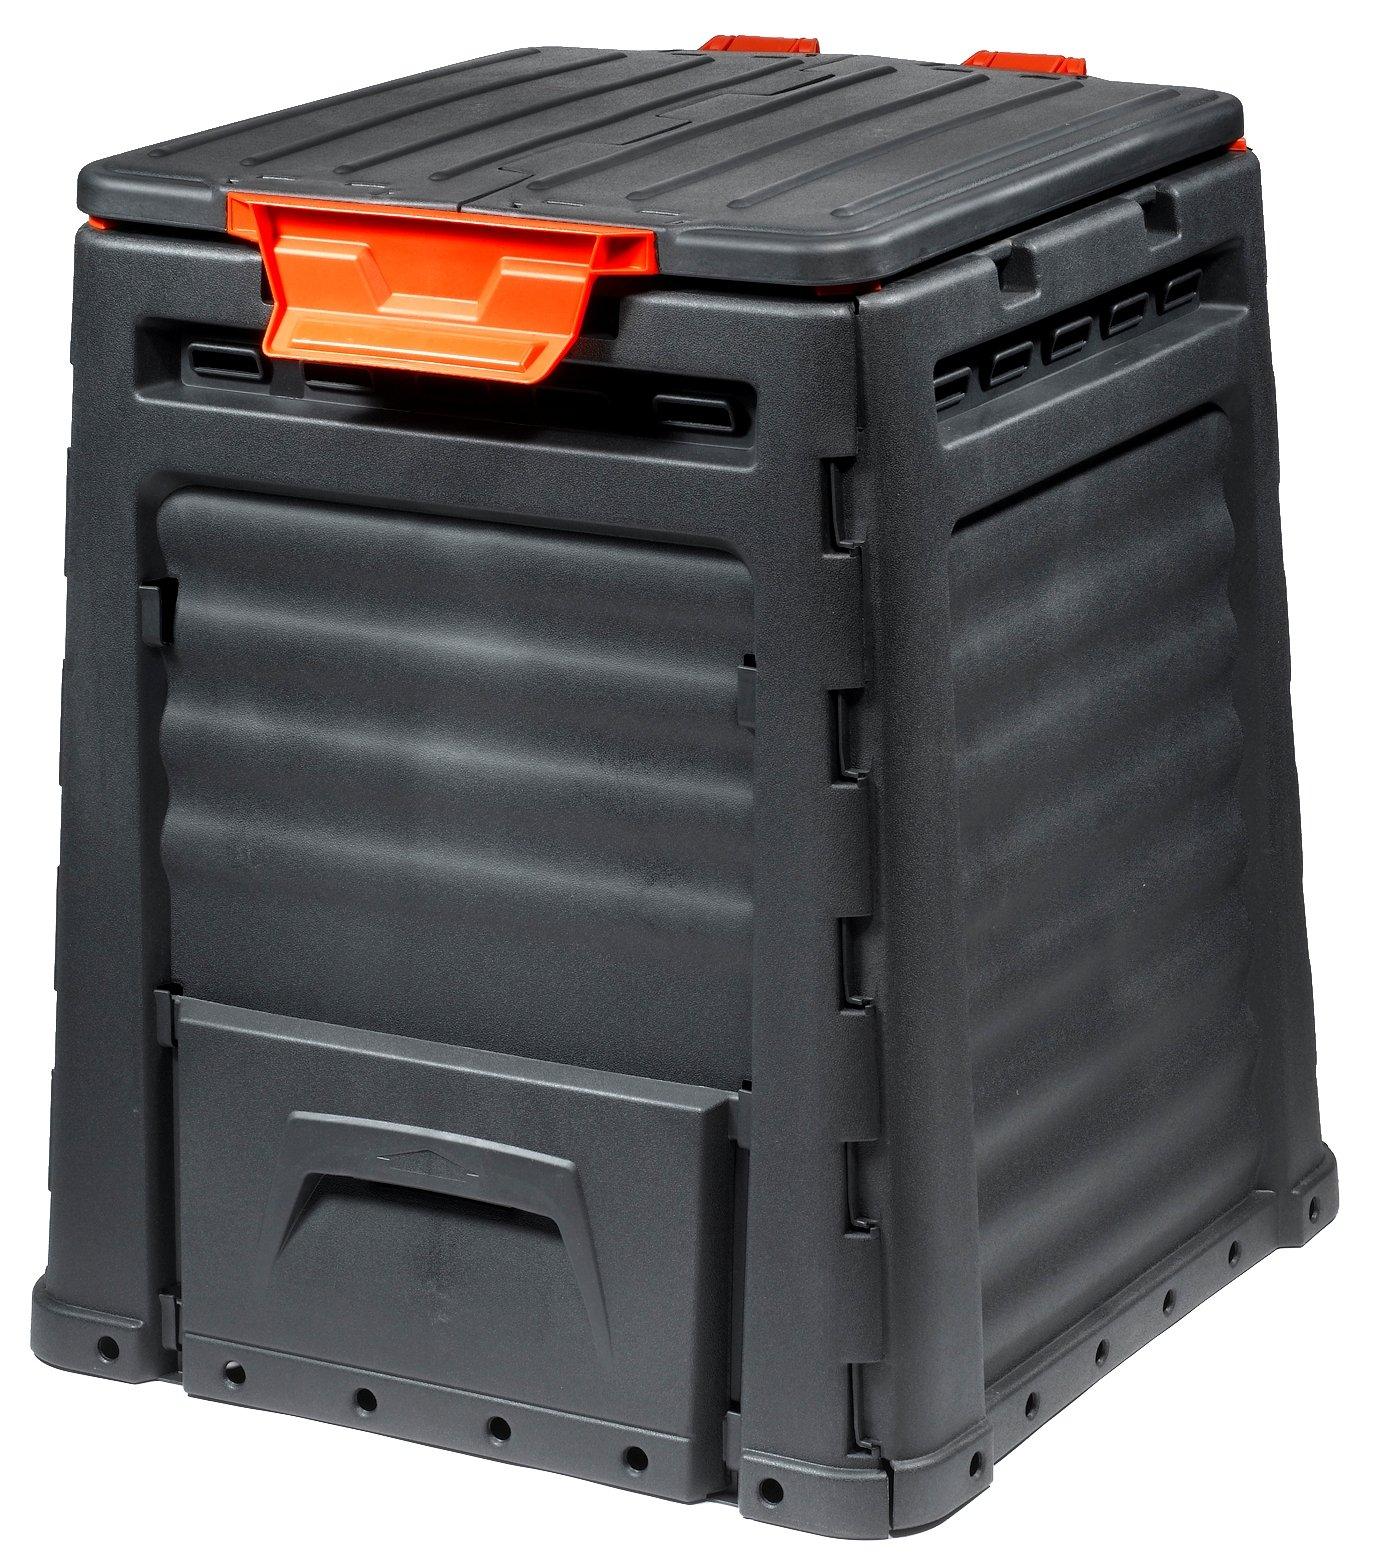 compostador r/ápido de pl/ástico compostador Estable compostador t/érmico como pr/áctico Sistema de Ranuras compostador para residuos de jard/ín 320 litros myGardenlust Compostador